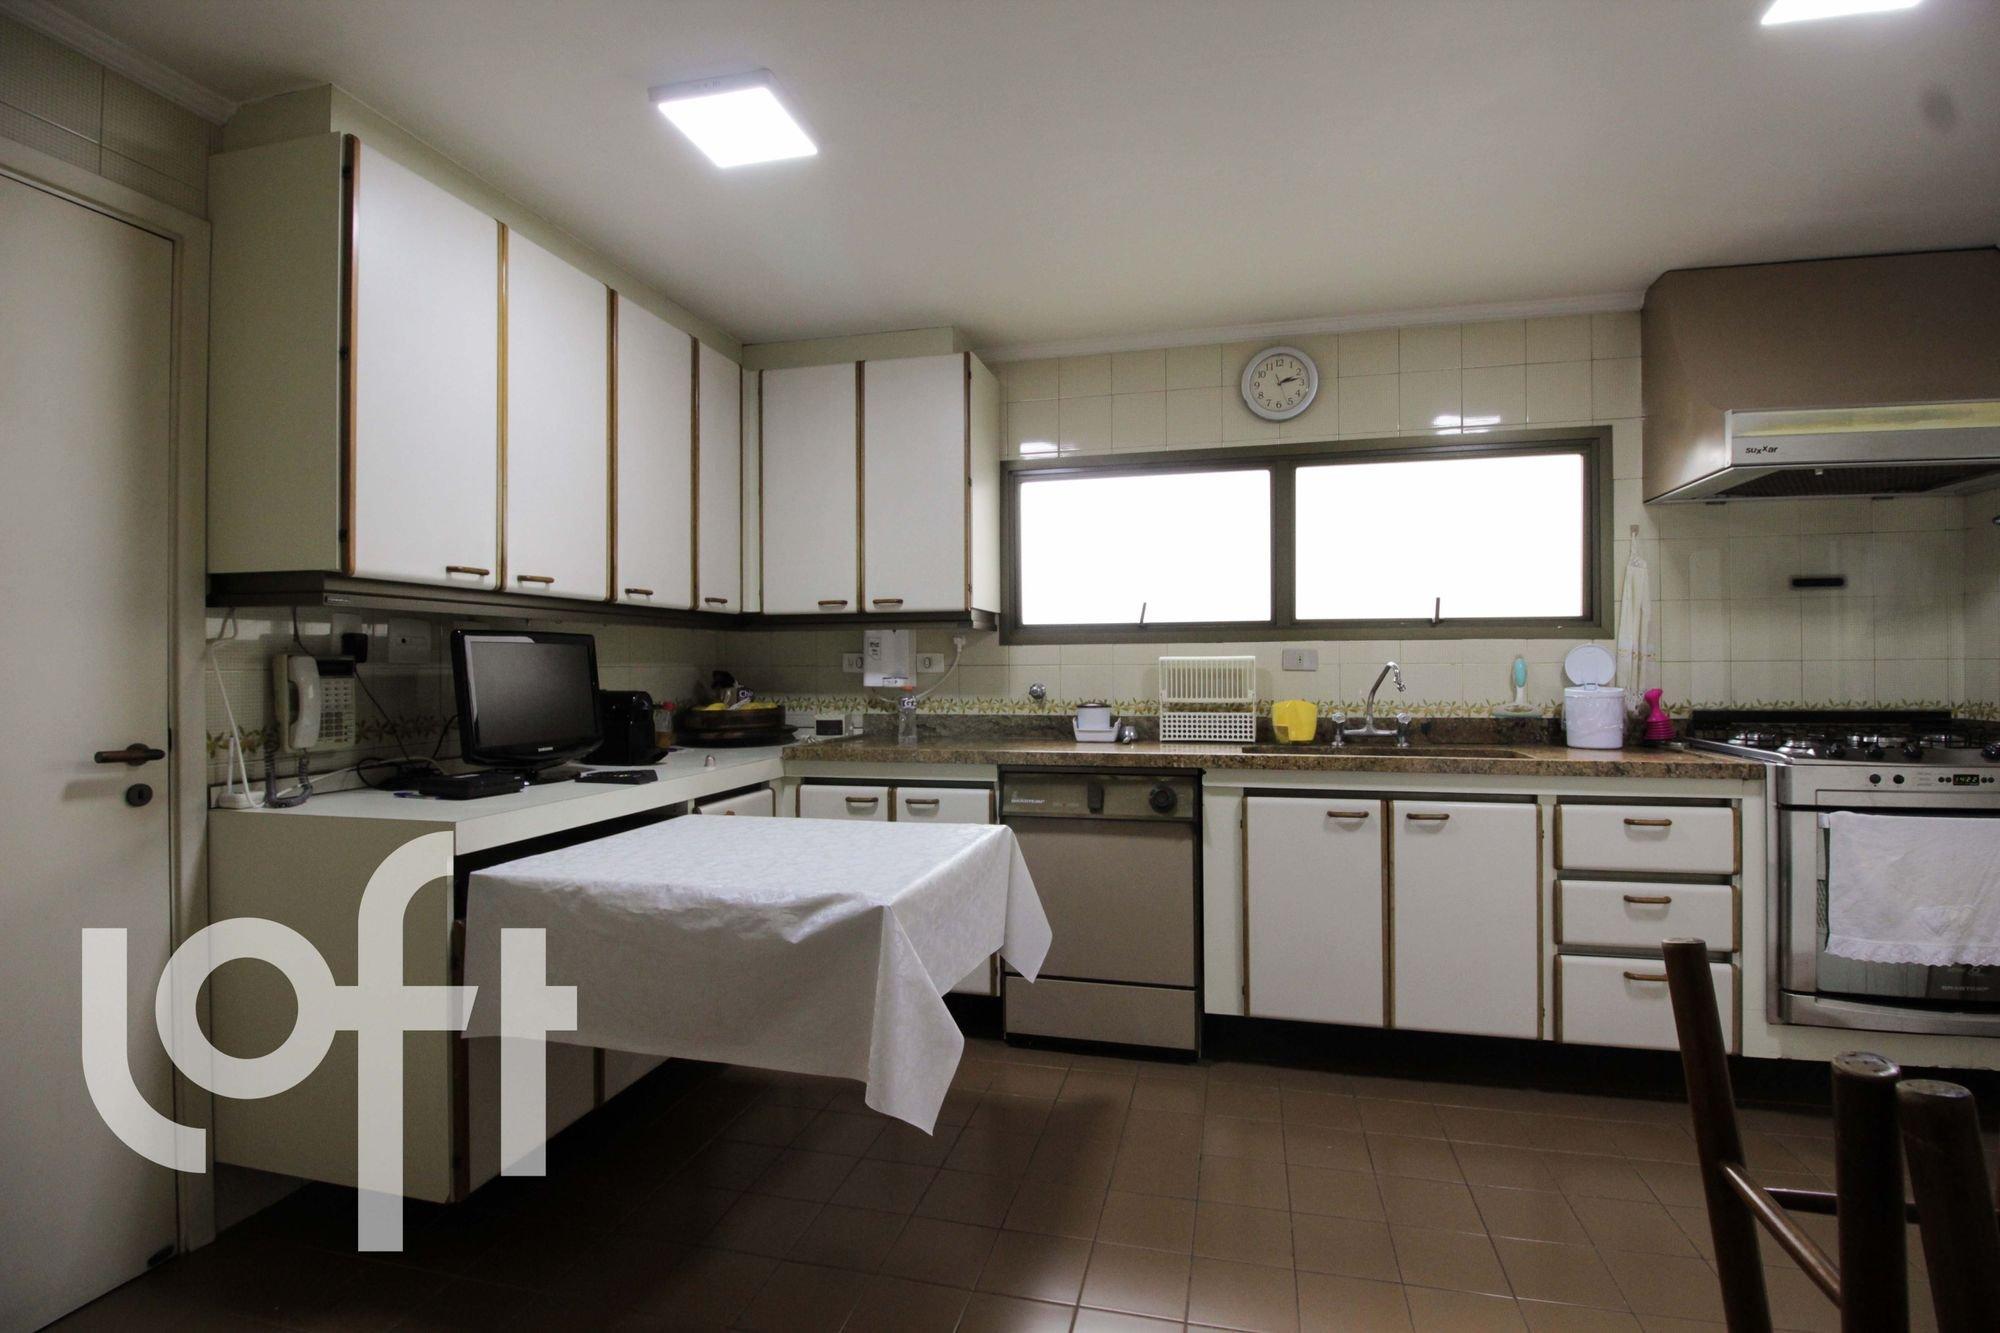 Foto de Cozinha com televisão, relógio, forno, cadeira